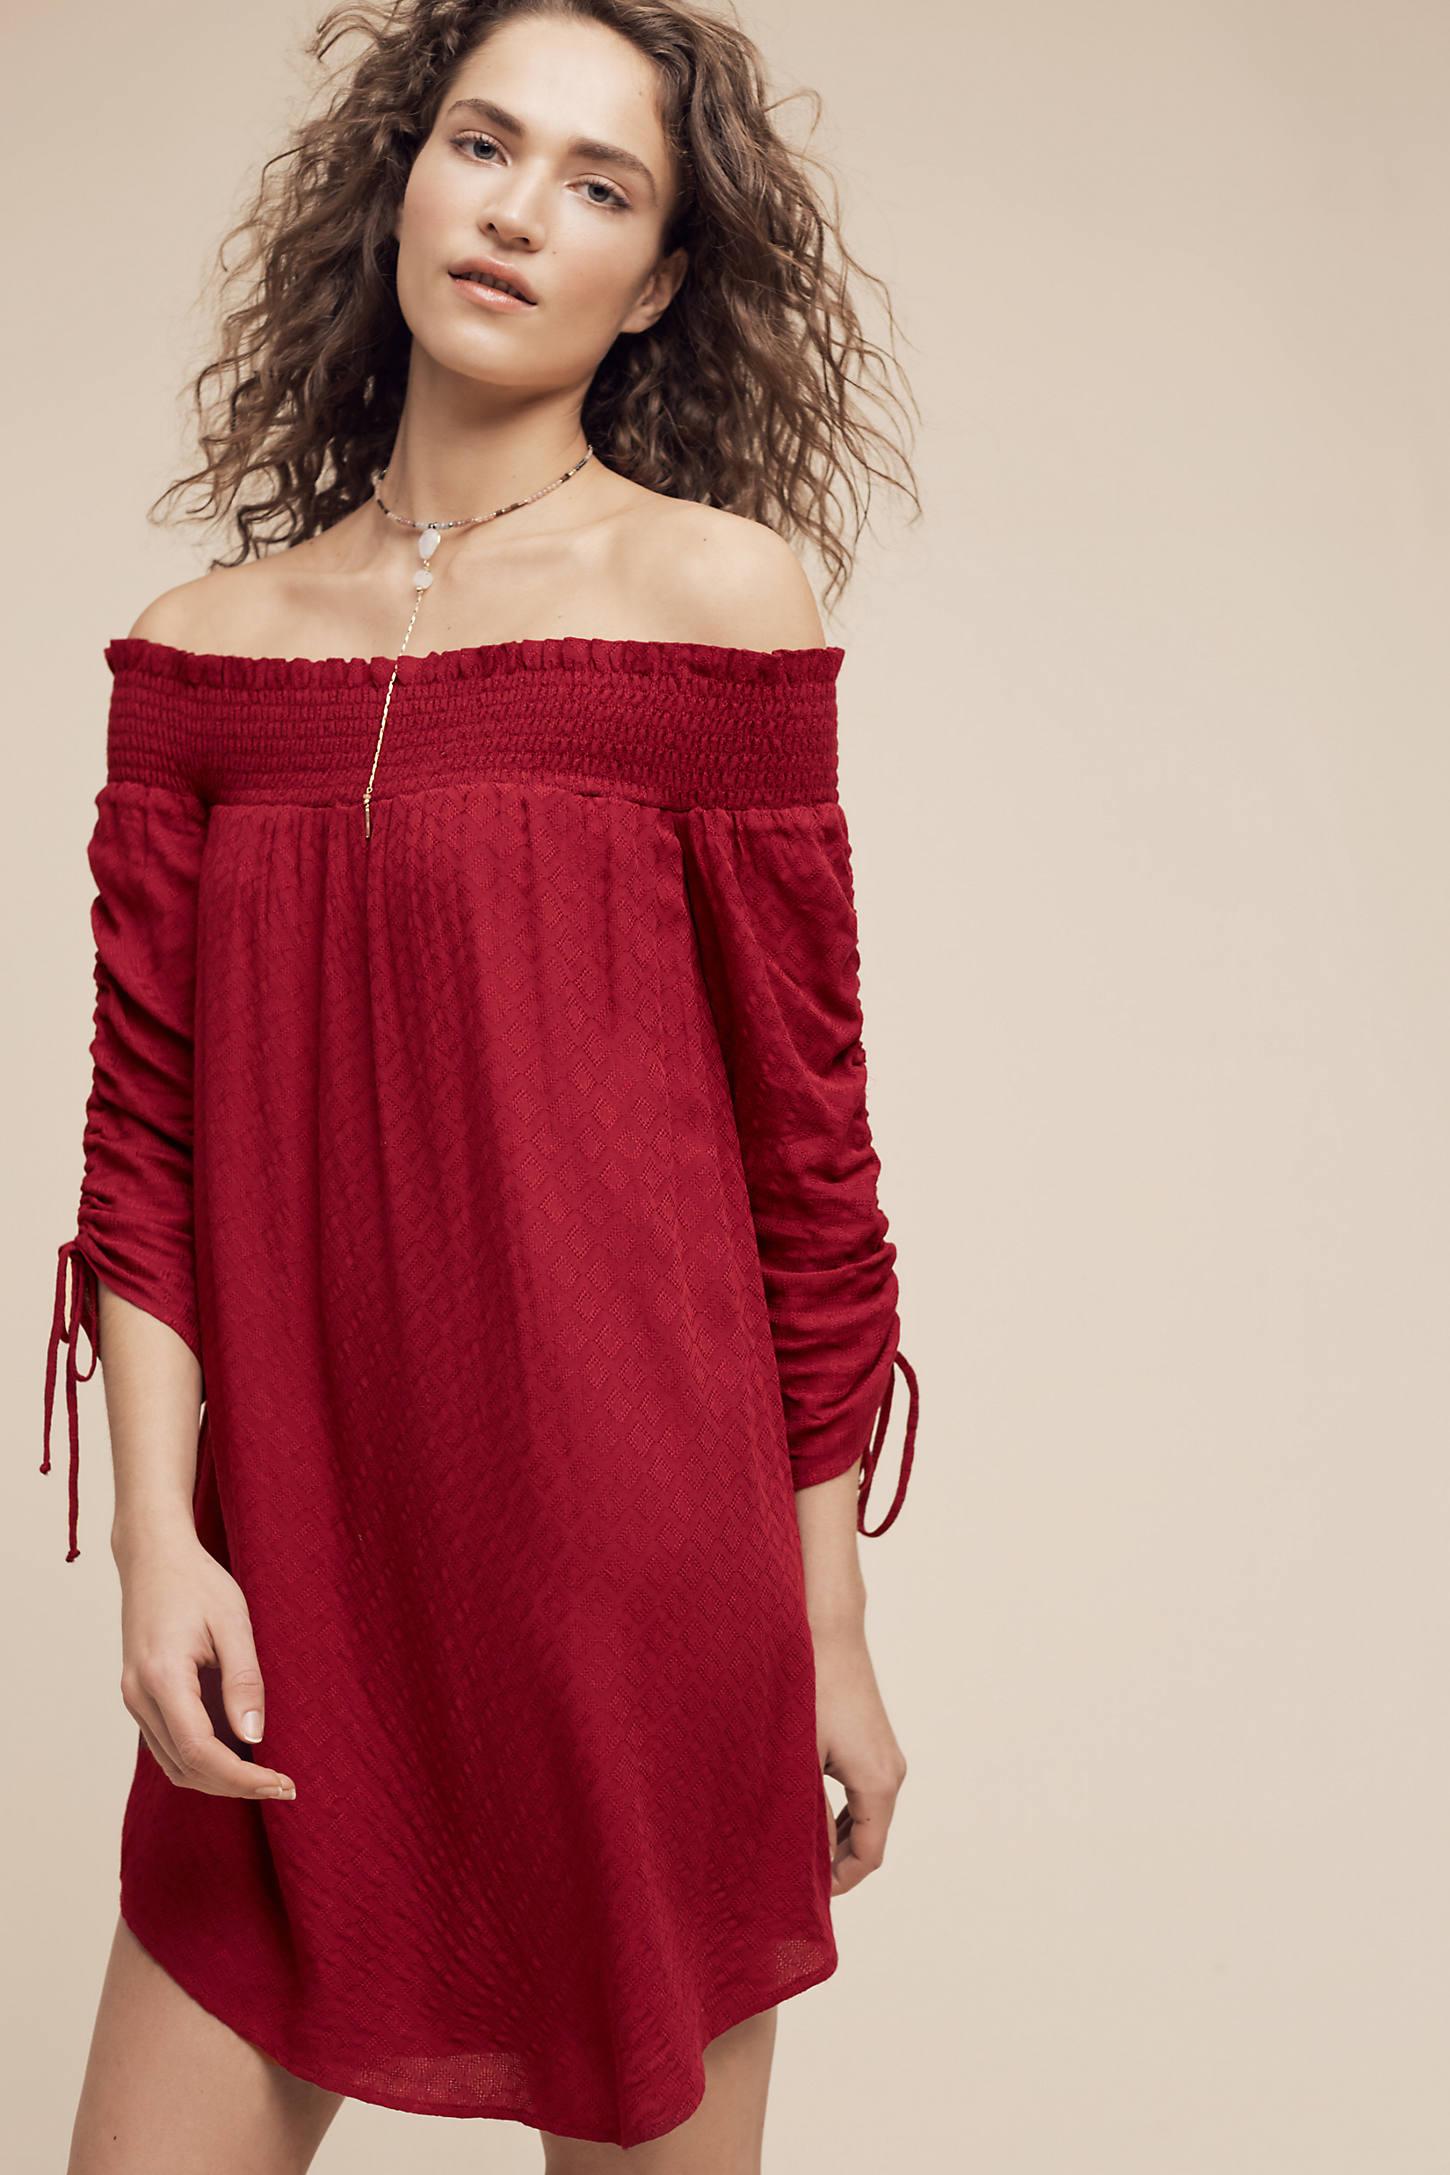 Vendredi Off-The-Shoulder Dress